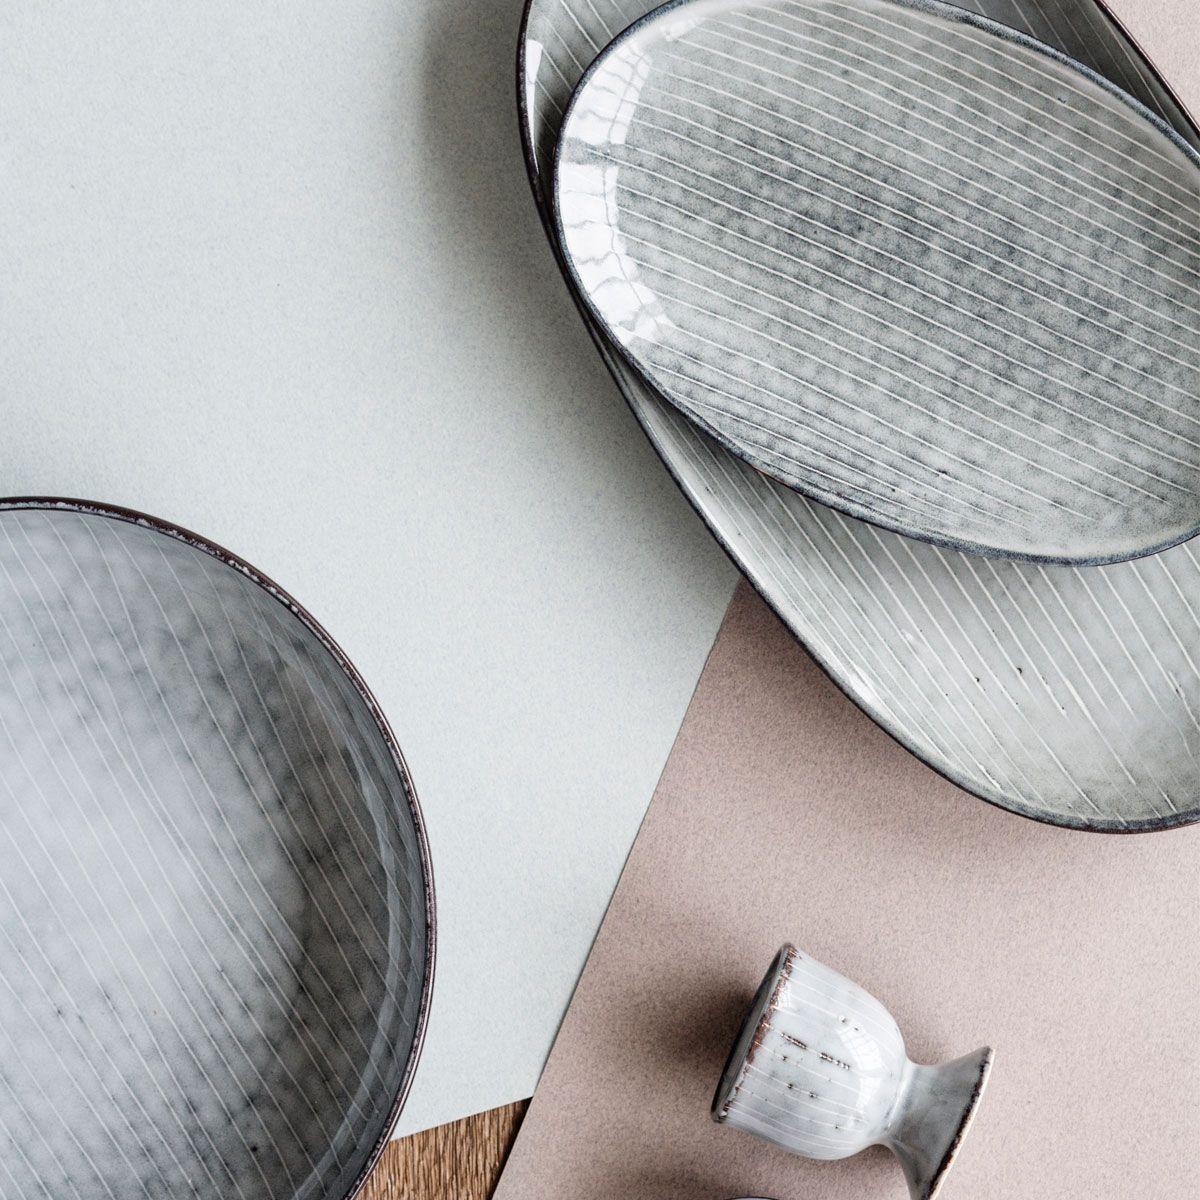 tolles tafelgeschirr von broste copenhagen tabelware brostecph ste geschirr aus steingut. Black Bedroom Furniture Sets. Home Design Ideas